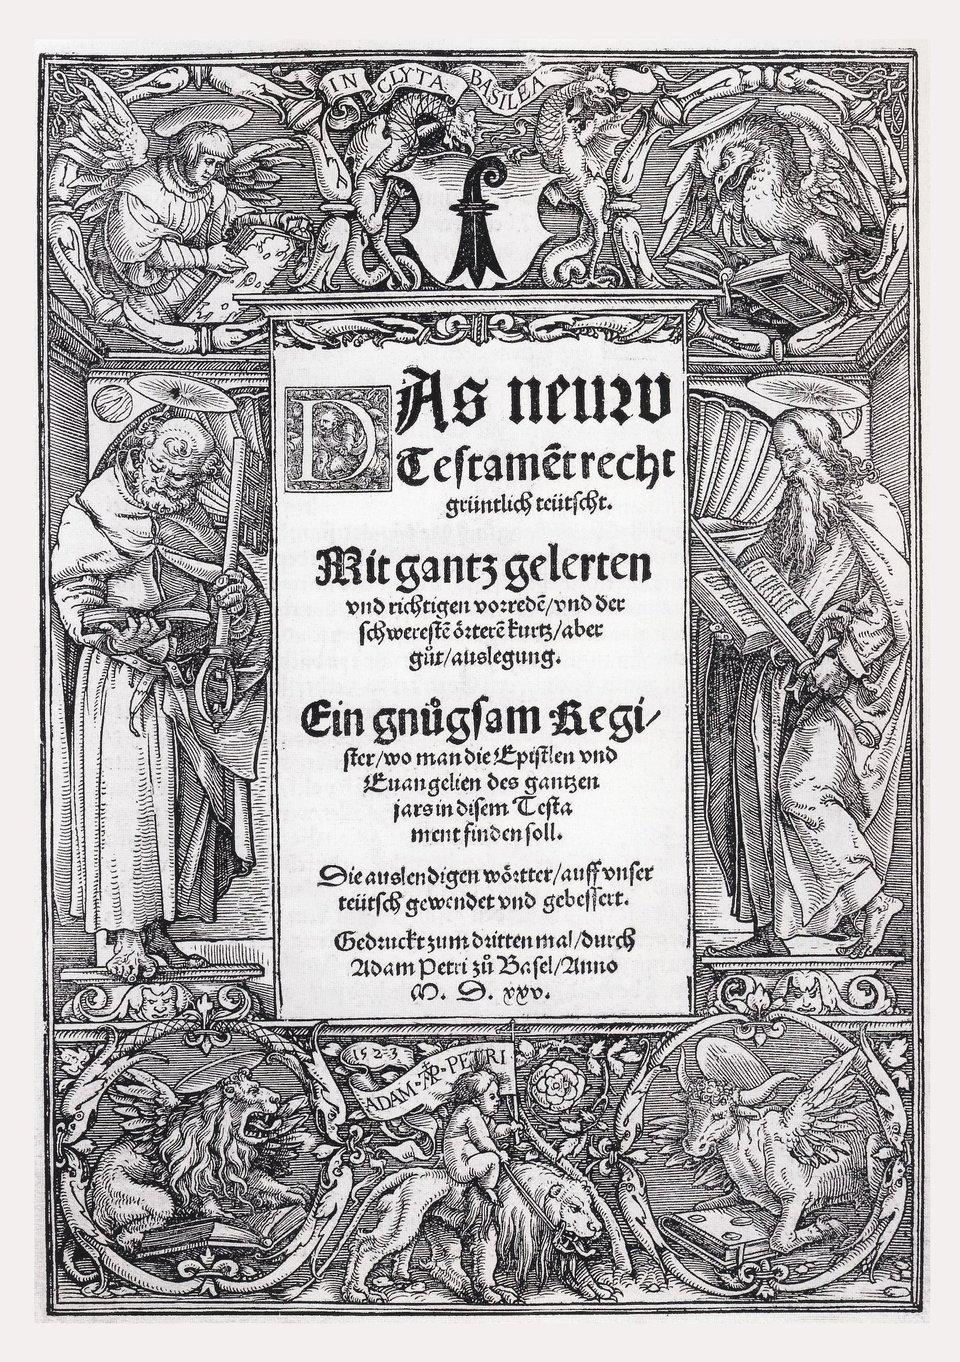 Biblia Lutra (Nowy Testament wtłumaczeniu na język niemiecki) Źródło: Hans Holbein, Biblia Lutra (Nowy Testament wtłumaczeniu na język niemiecki), 1523, domena publiczna.